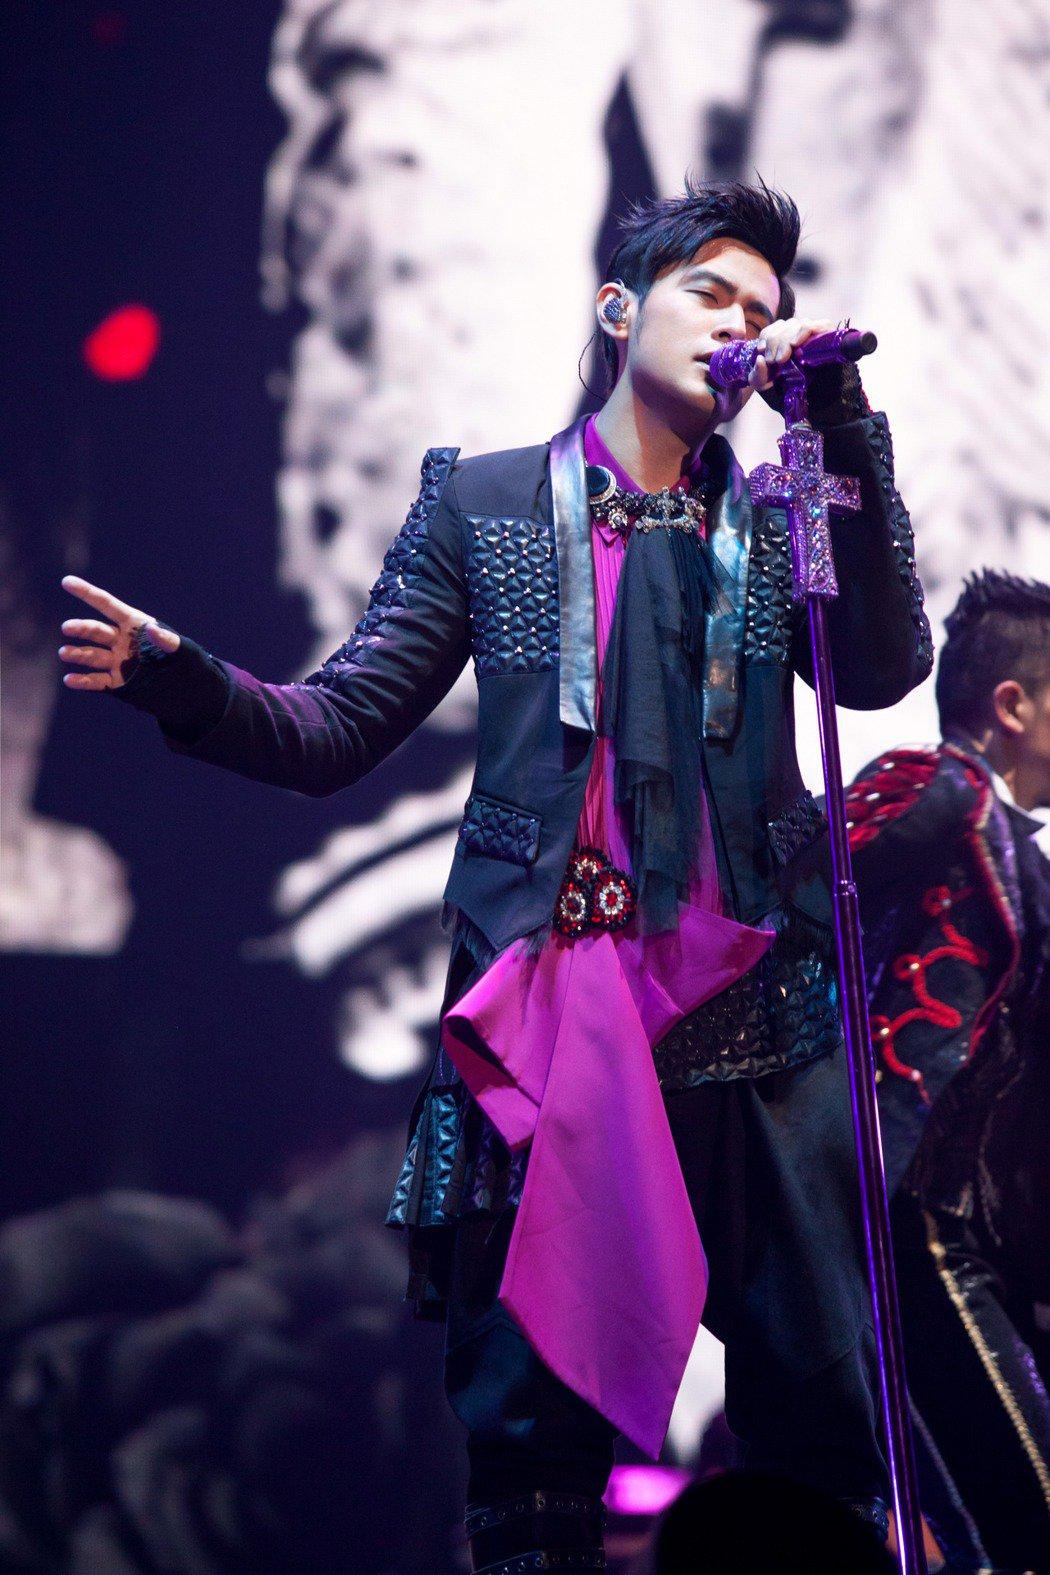 Bộ trang phục đắt thứ 2 cũng do Tomas Chan thực hiện. Thiết kế gồm áo vest, sơ mi cách điệu kết hợp với quần có thiết kế đơn giản. Trang phục gây ấn tượng bởi những chi tiết dún bèo, đính kết trông hơi nữ tính. Sự kết hợp giữa tông màu hồng tím cùng cườm đá giúp nam ca sĩ nổi bật trên sân khấu.